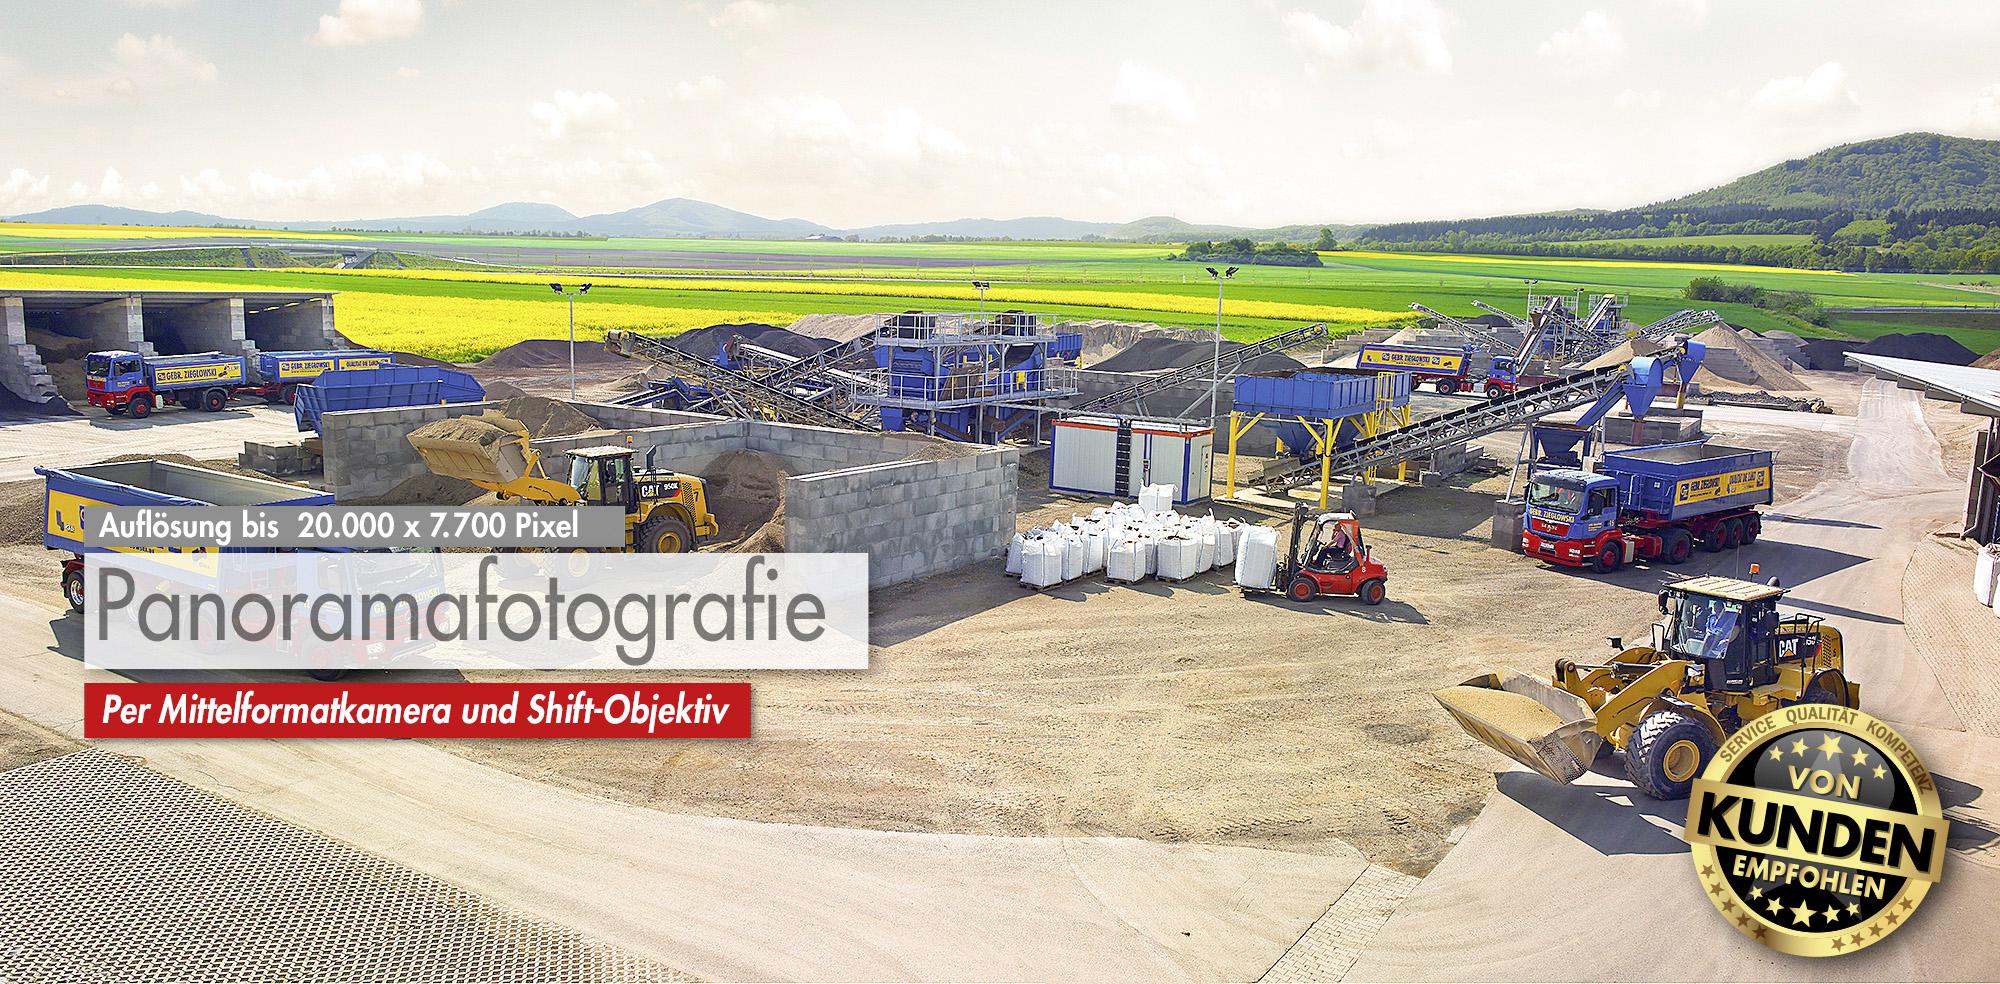 Panoramafotografie--2@blickfang2_fotostudio_filmstudio